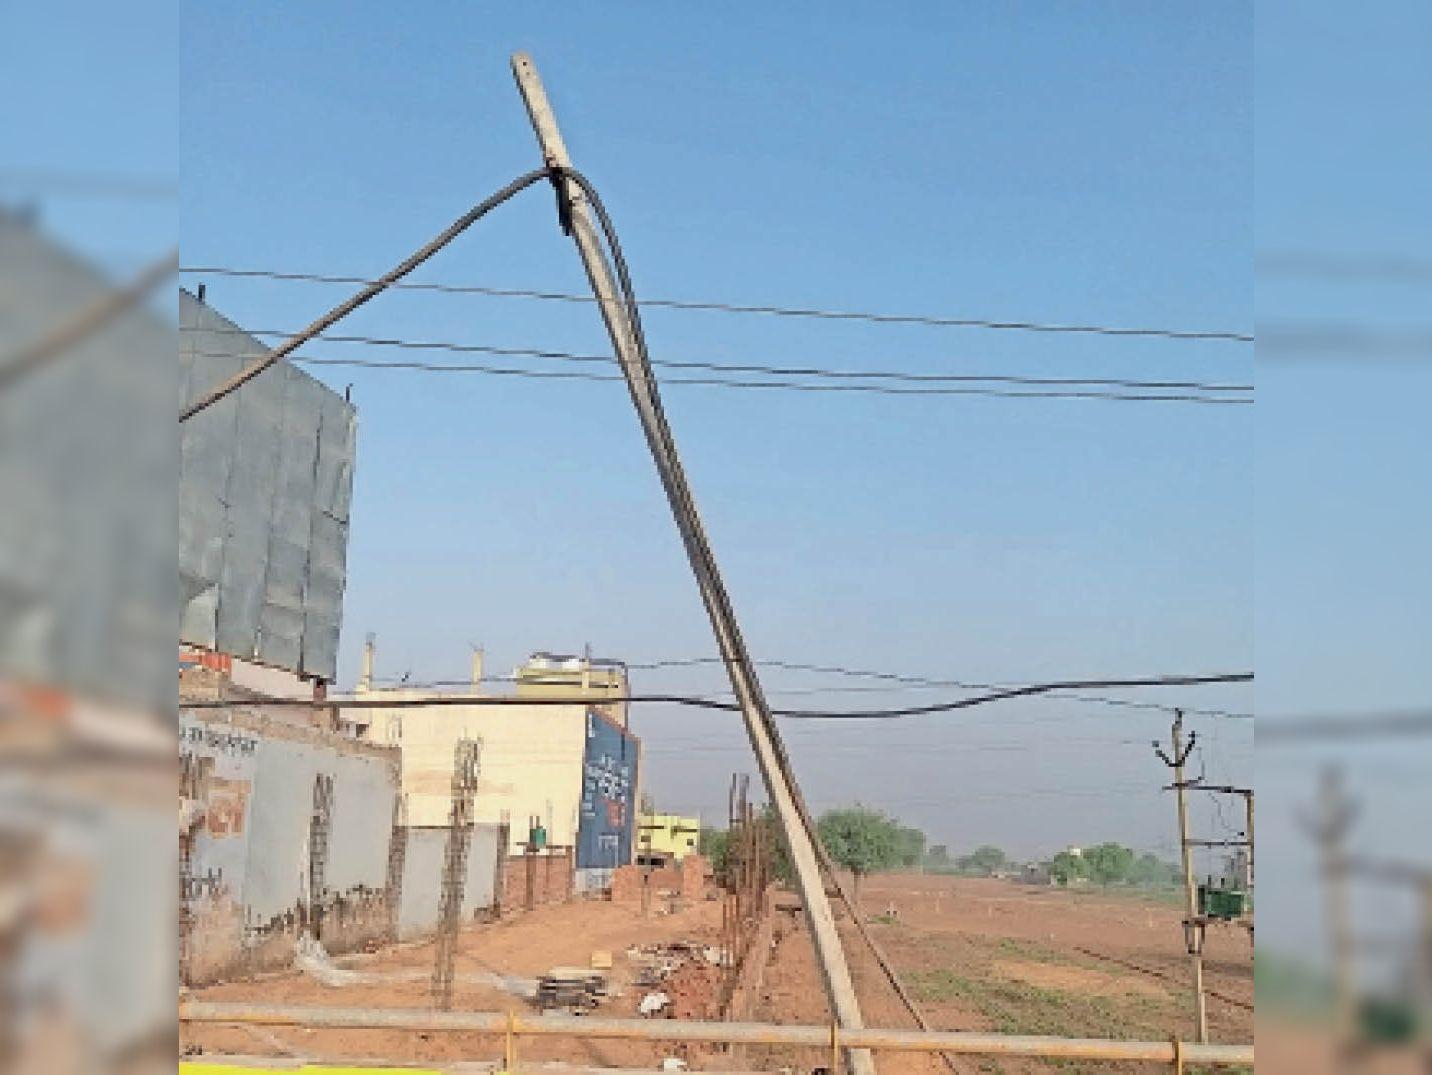 महेंद्रगढ़ में गिरने की अवस्था में बिजली का पोल। - Dainik Bhaskar